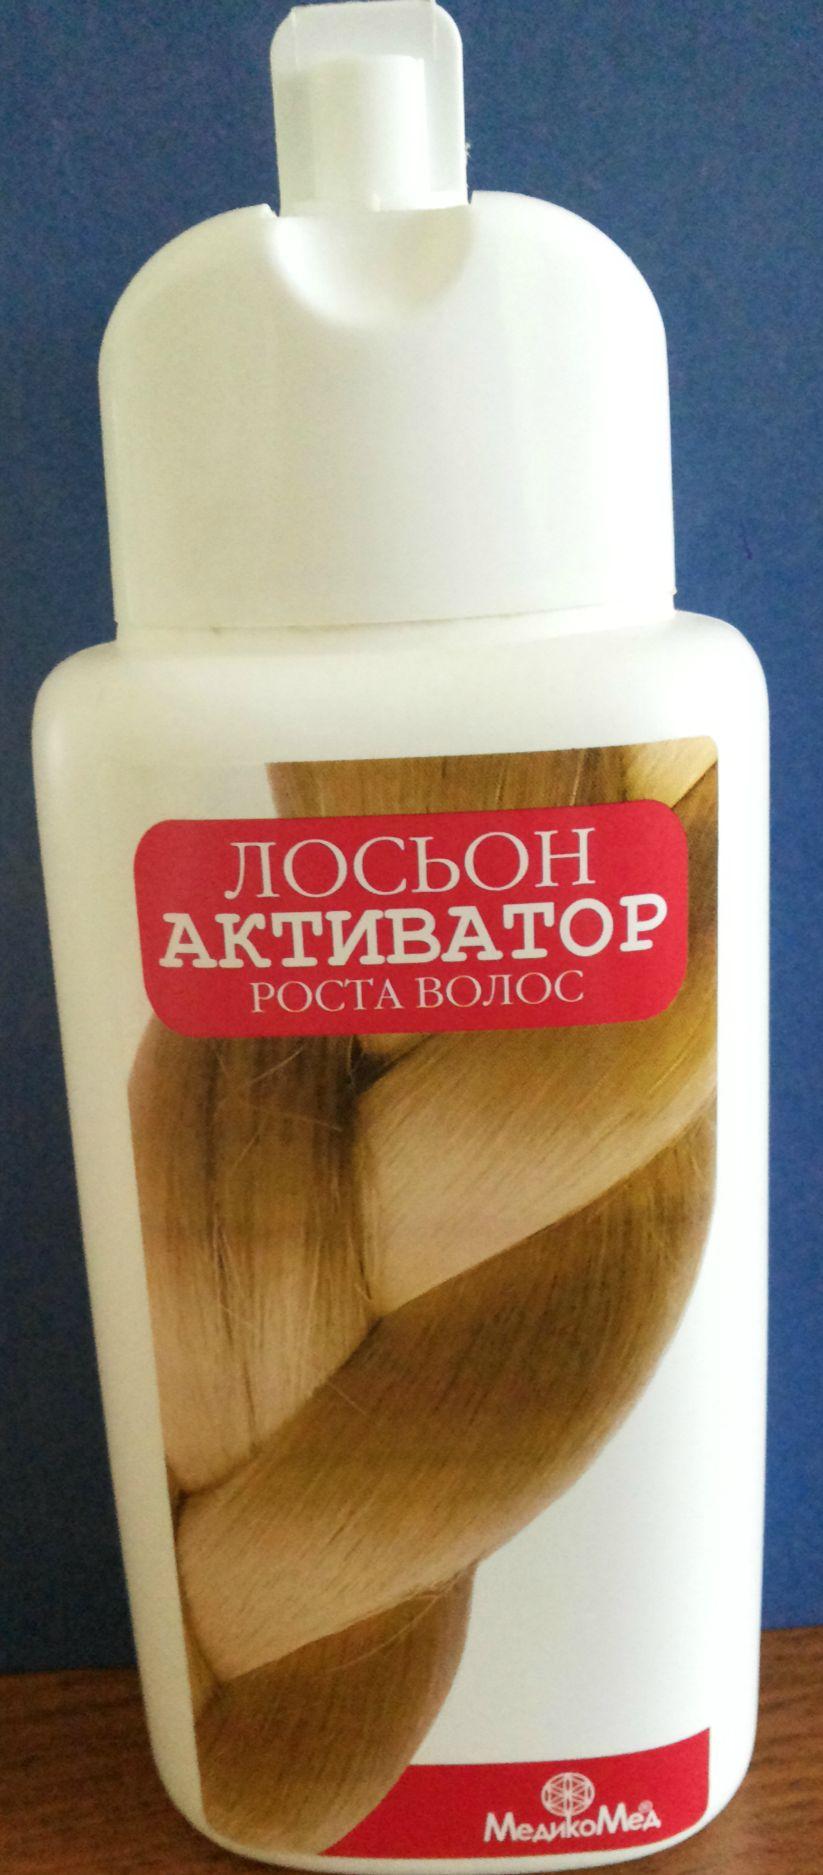 Активатор роста волос лосьон медикомед